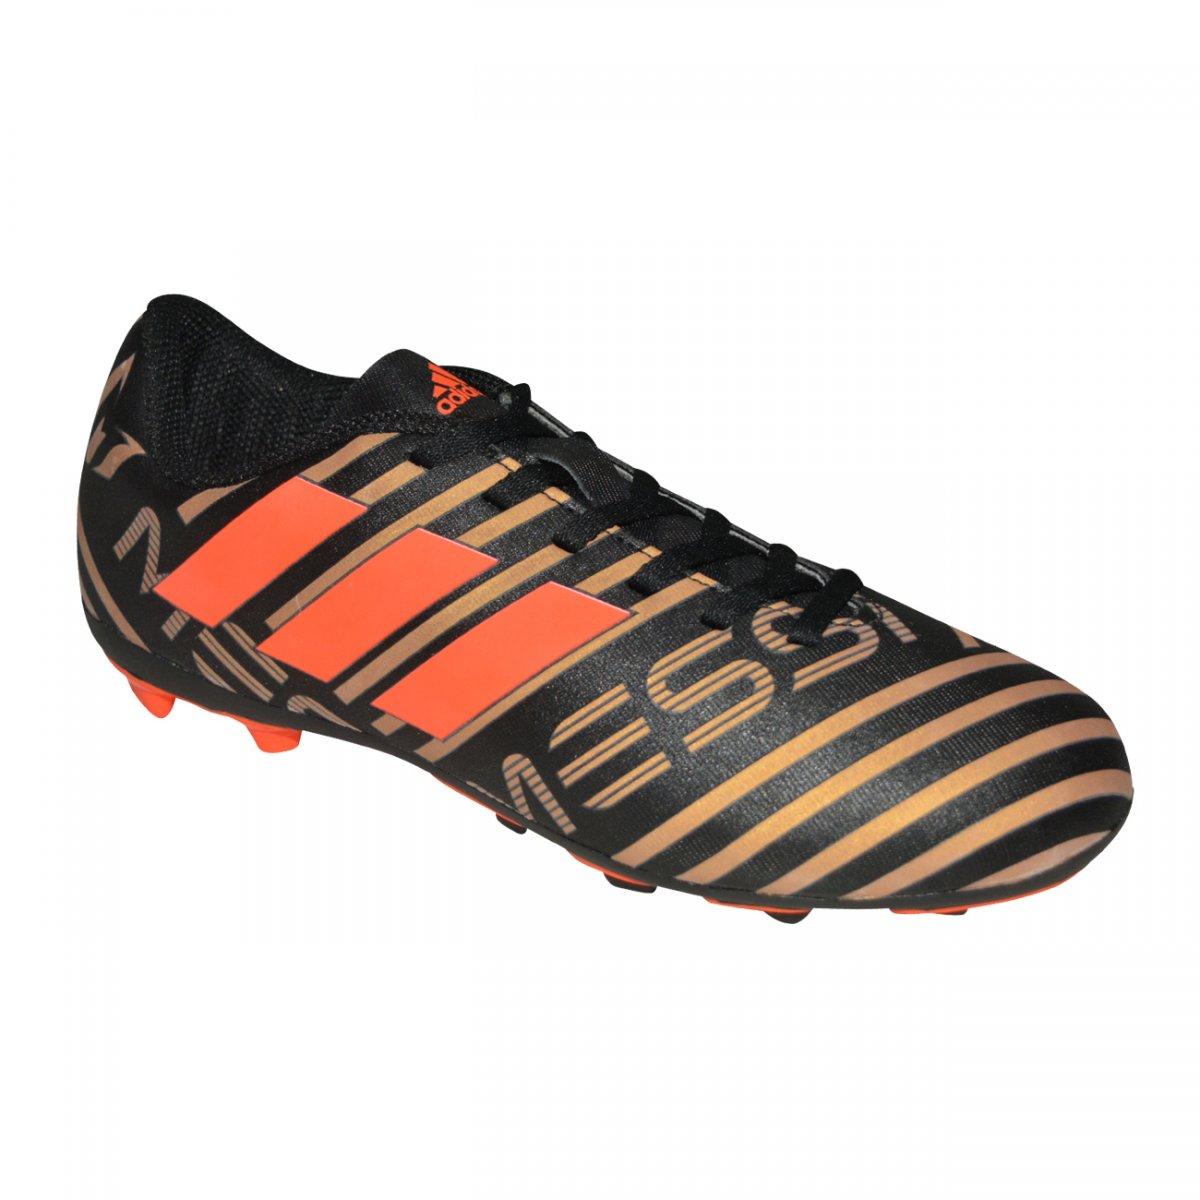 66a4d19600 Chuteira Adidas Nemeziz Messi 17.4 Juvenil CP9210 - Preto dourado laranja -  Chuteira Nike